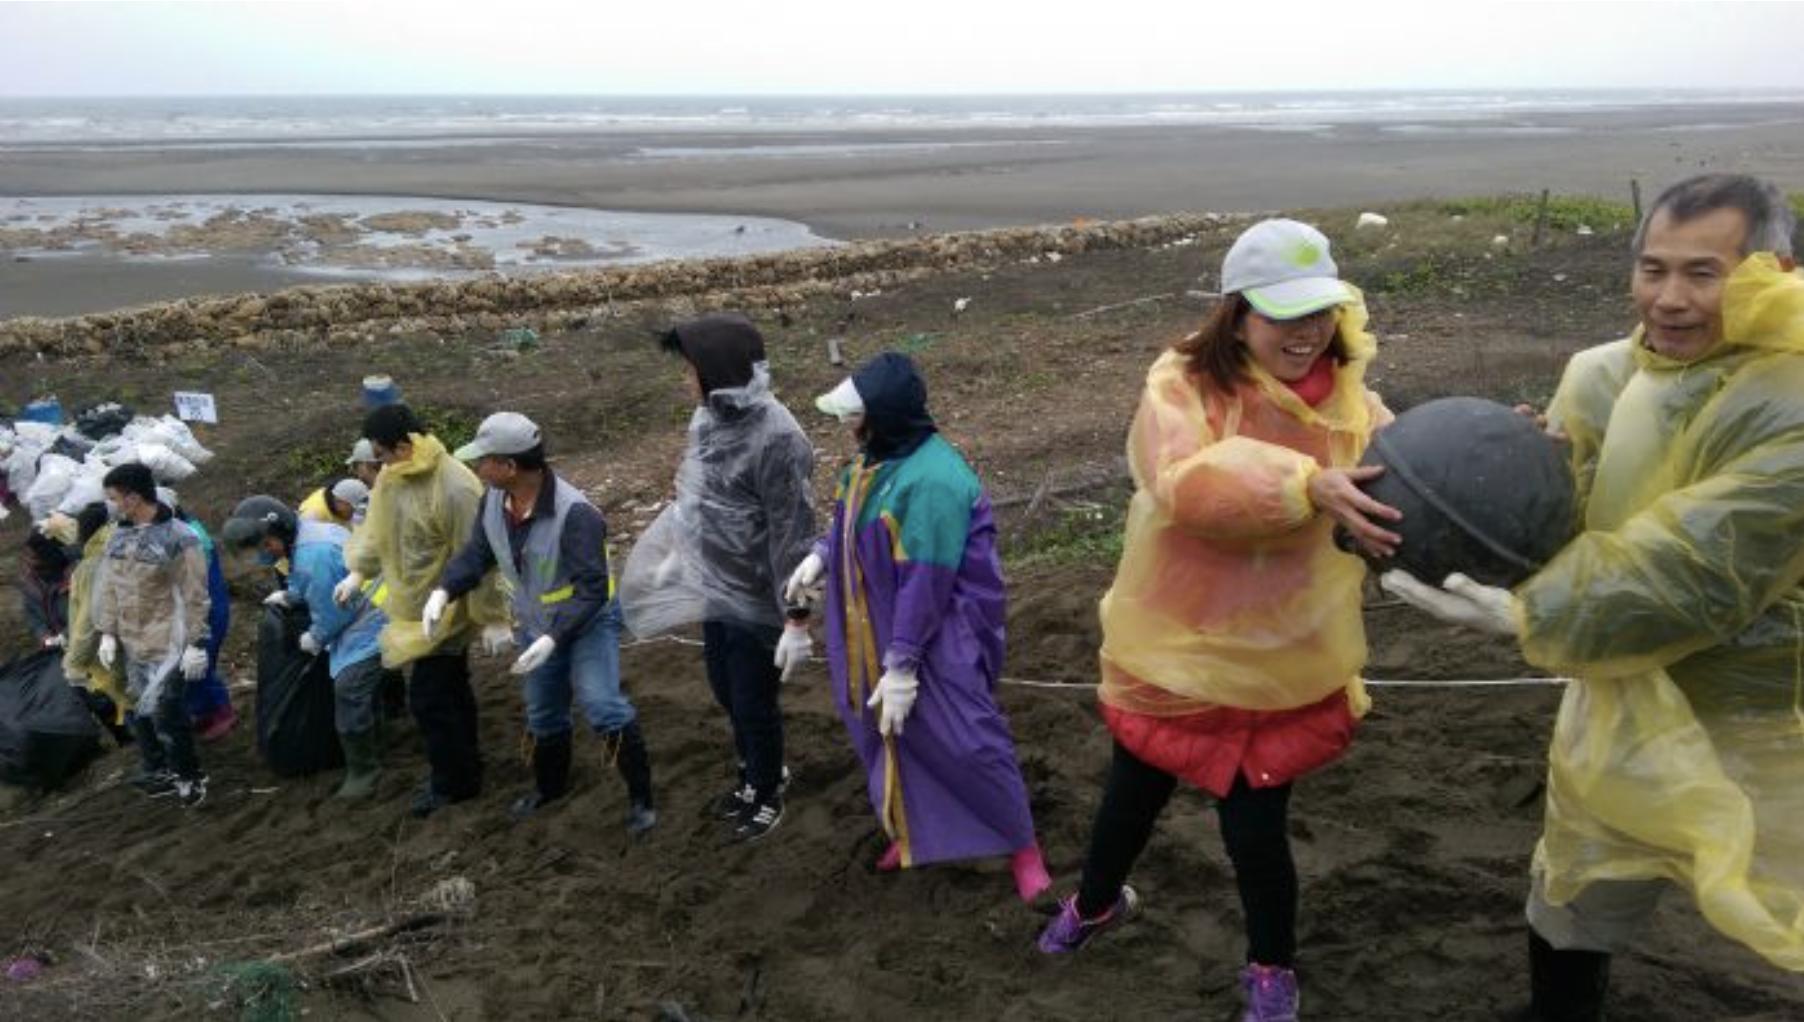 垃圾消失8公噸 桃園海灘變乾淨